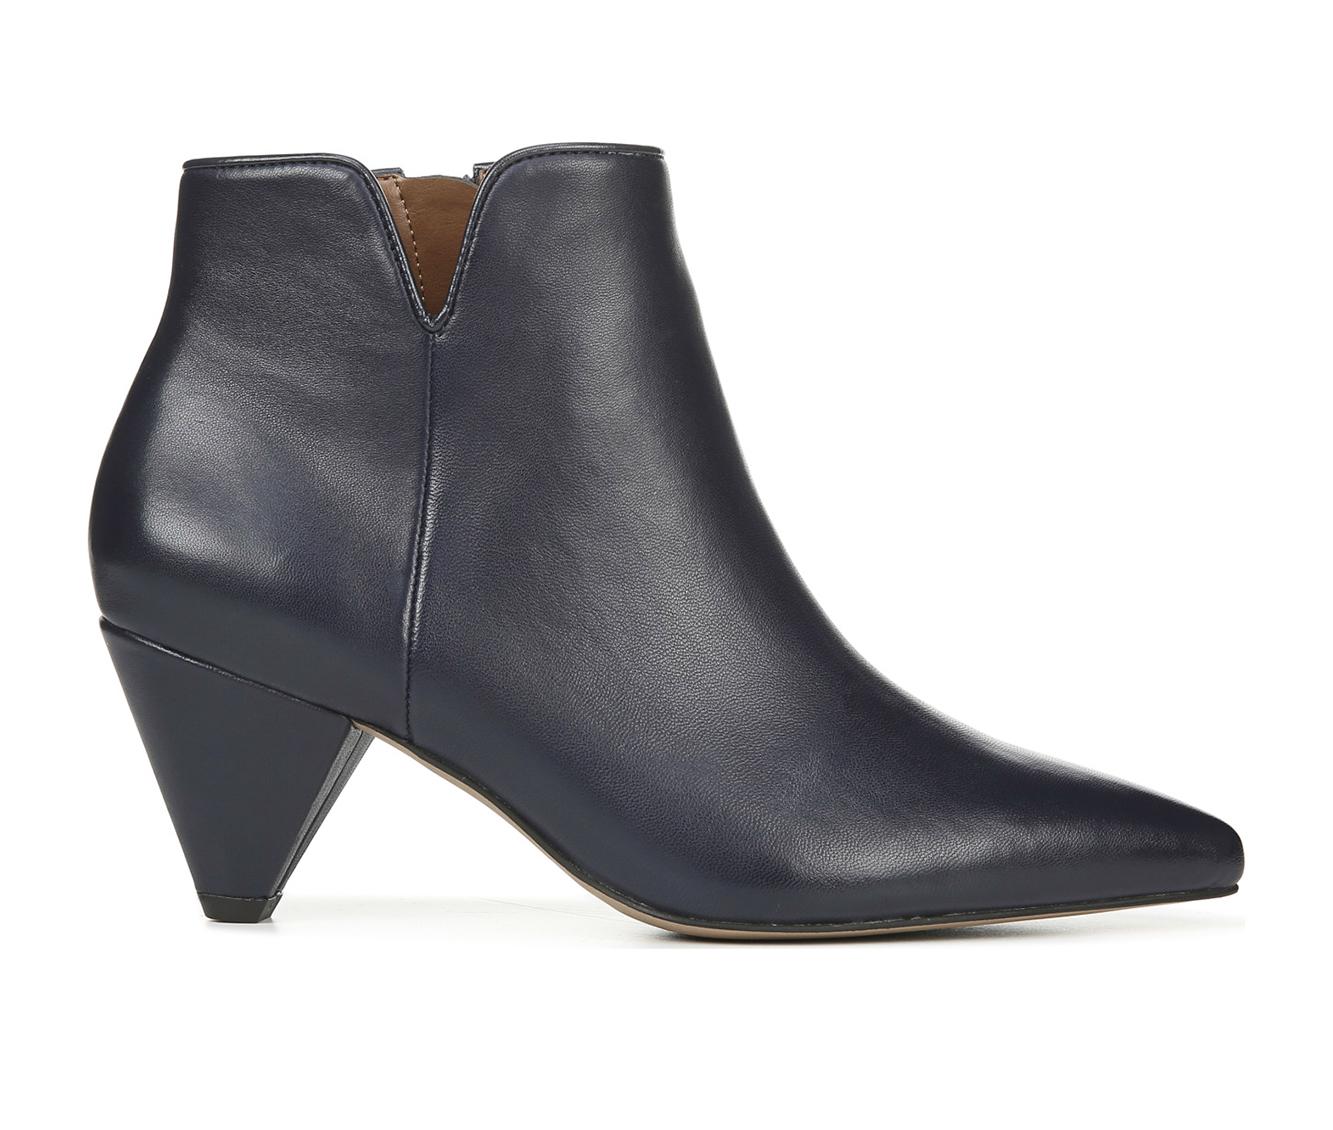 Franco Sarto Dare 2 Women's Boot (Black Leather)